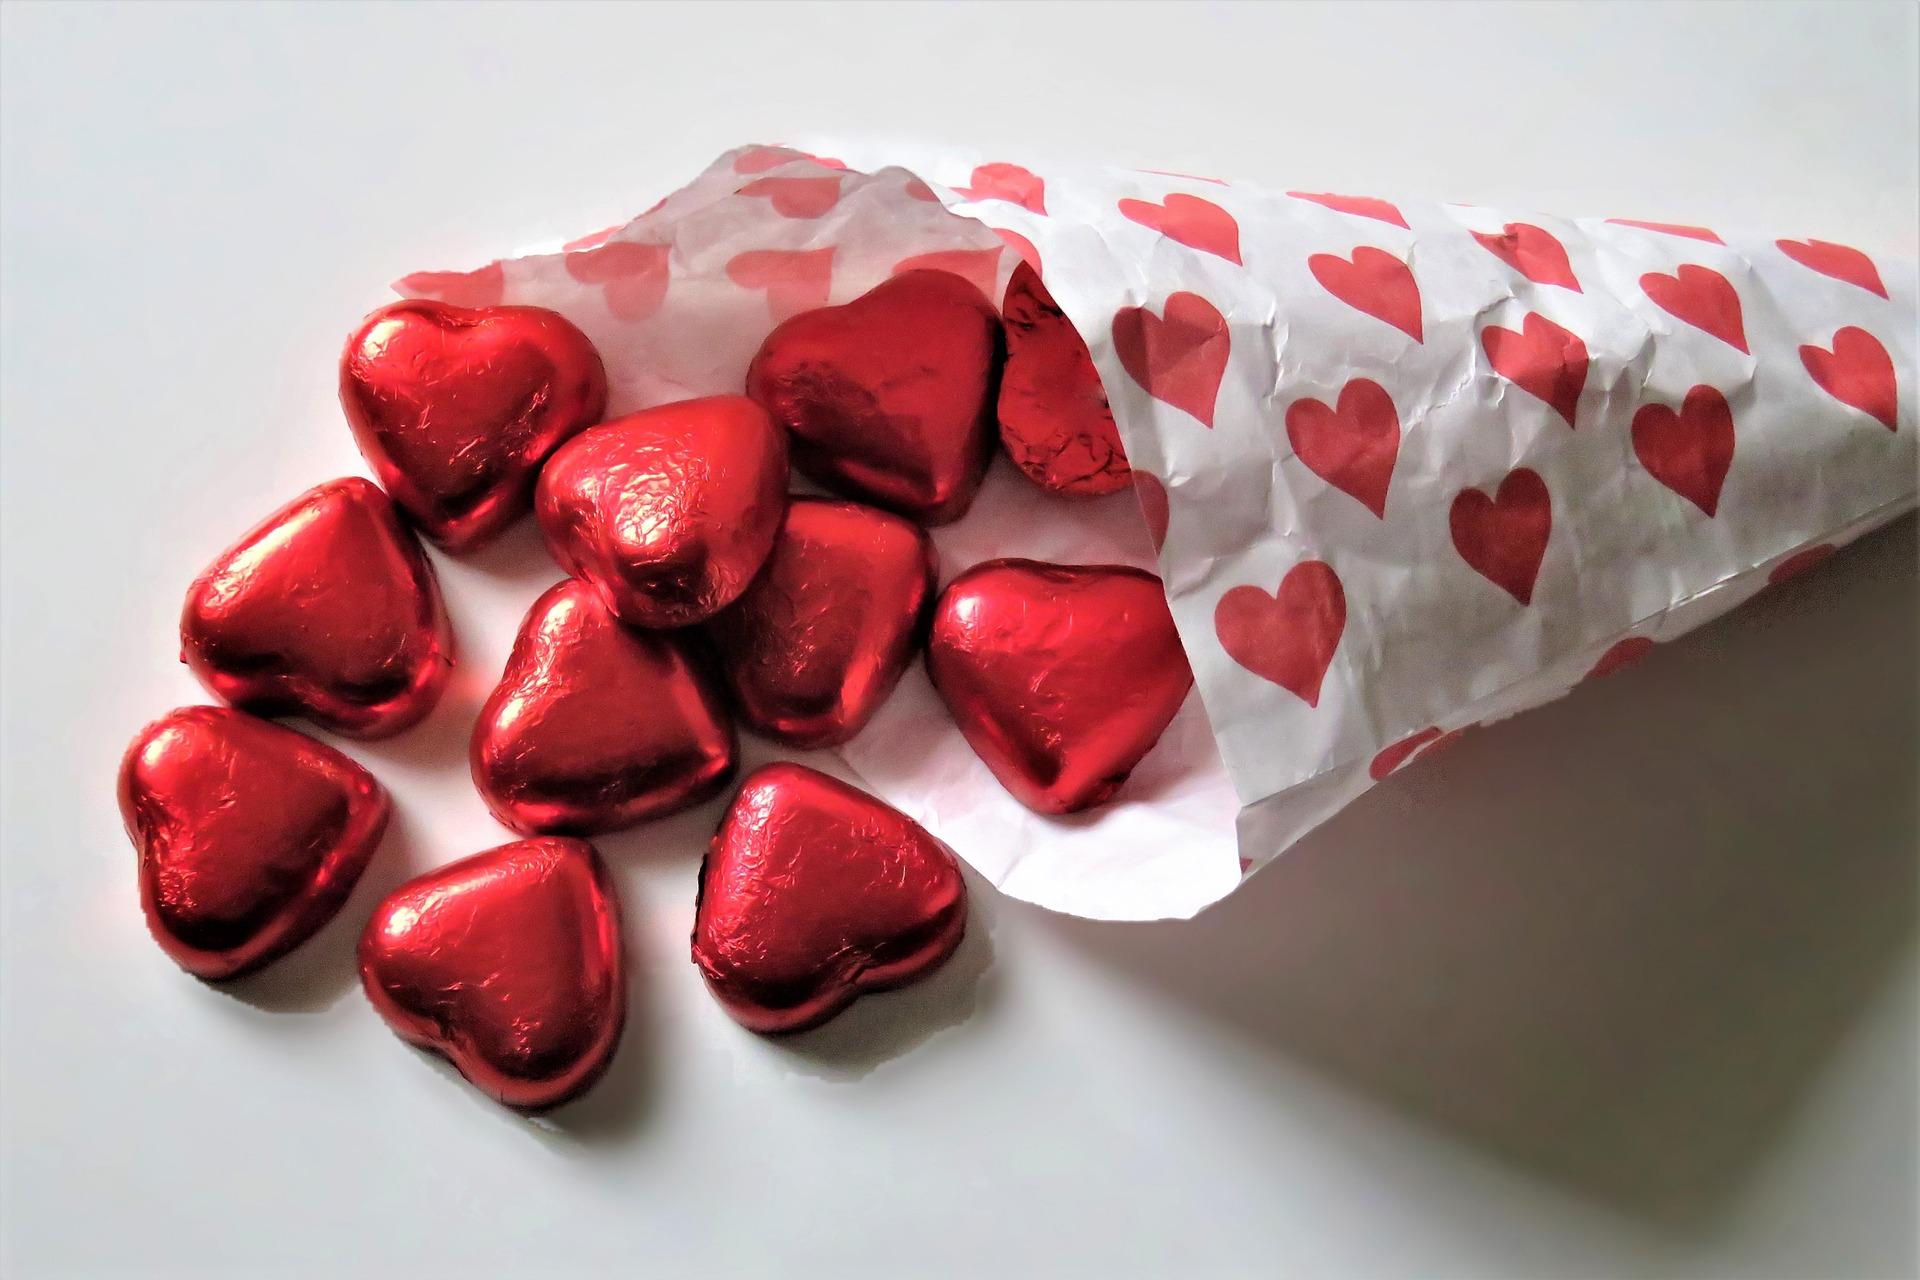 バレンタインデーやイースターに大活躍のチョコレート専門店リスト